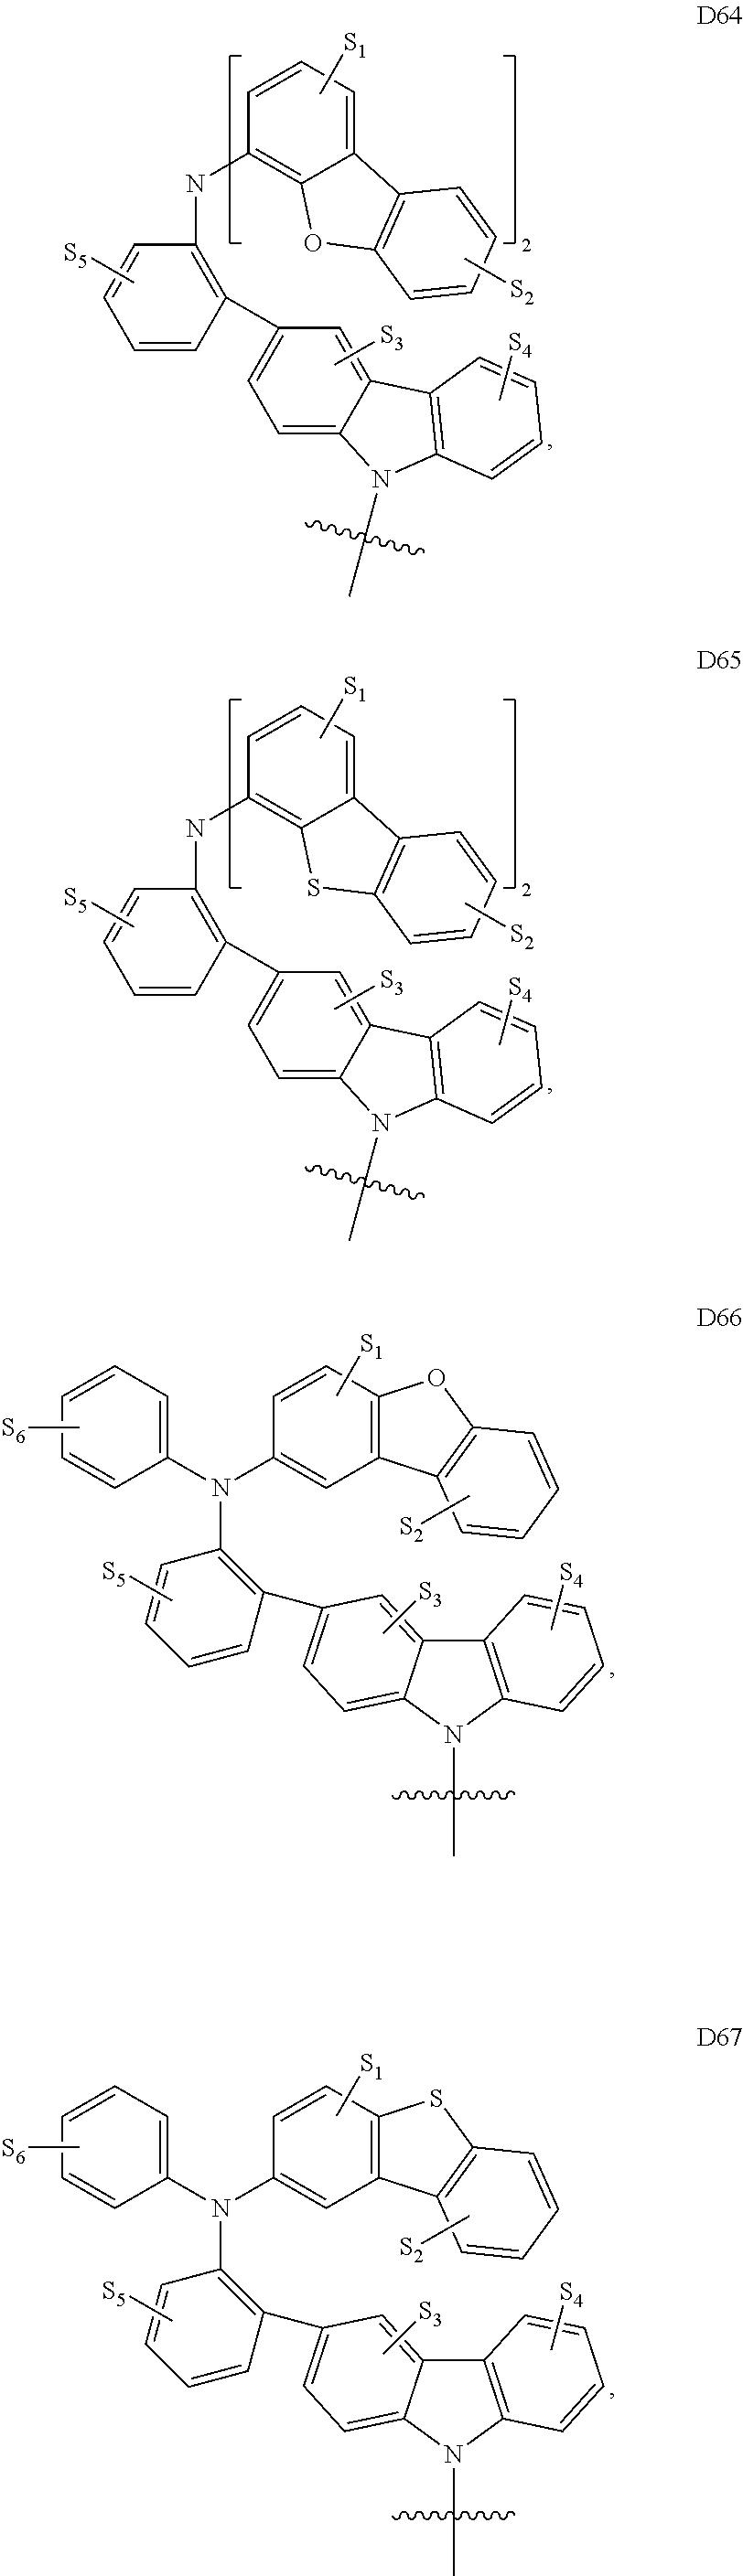 Figure US09324949-20160426-C00067